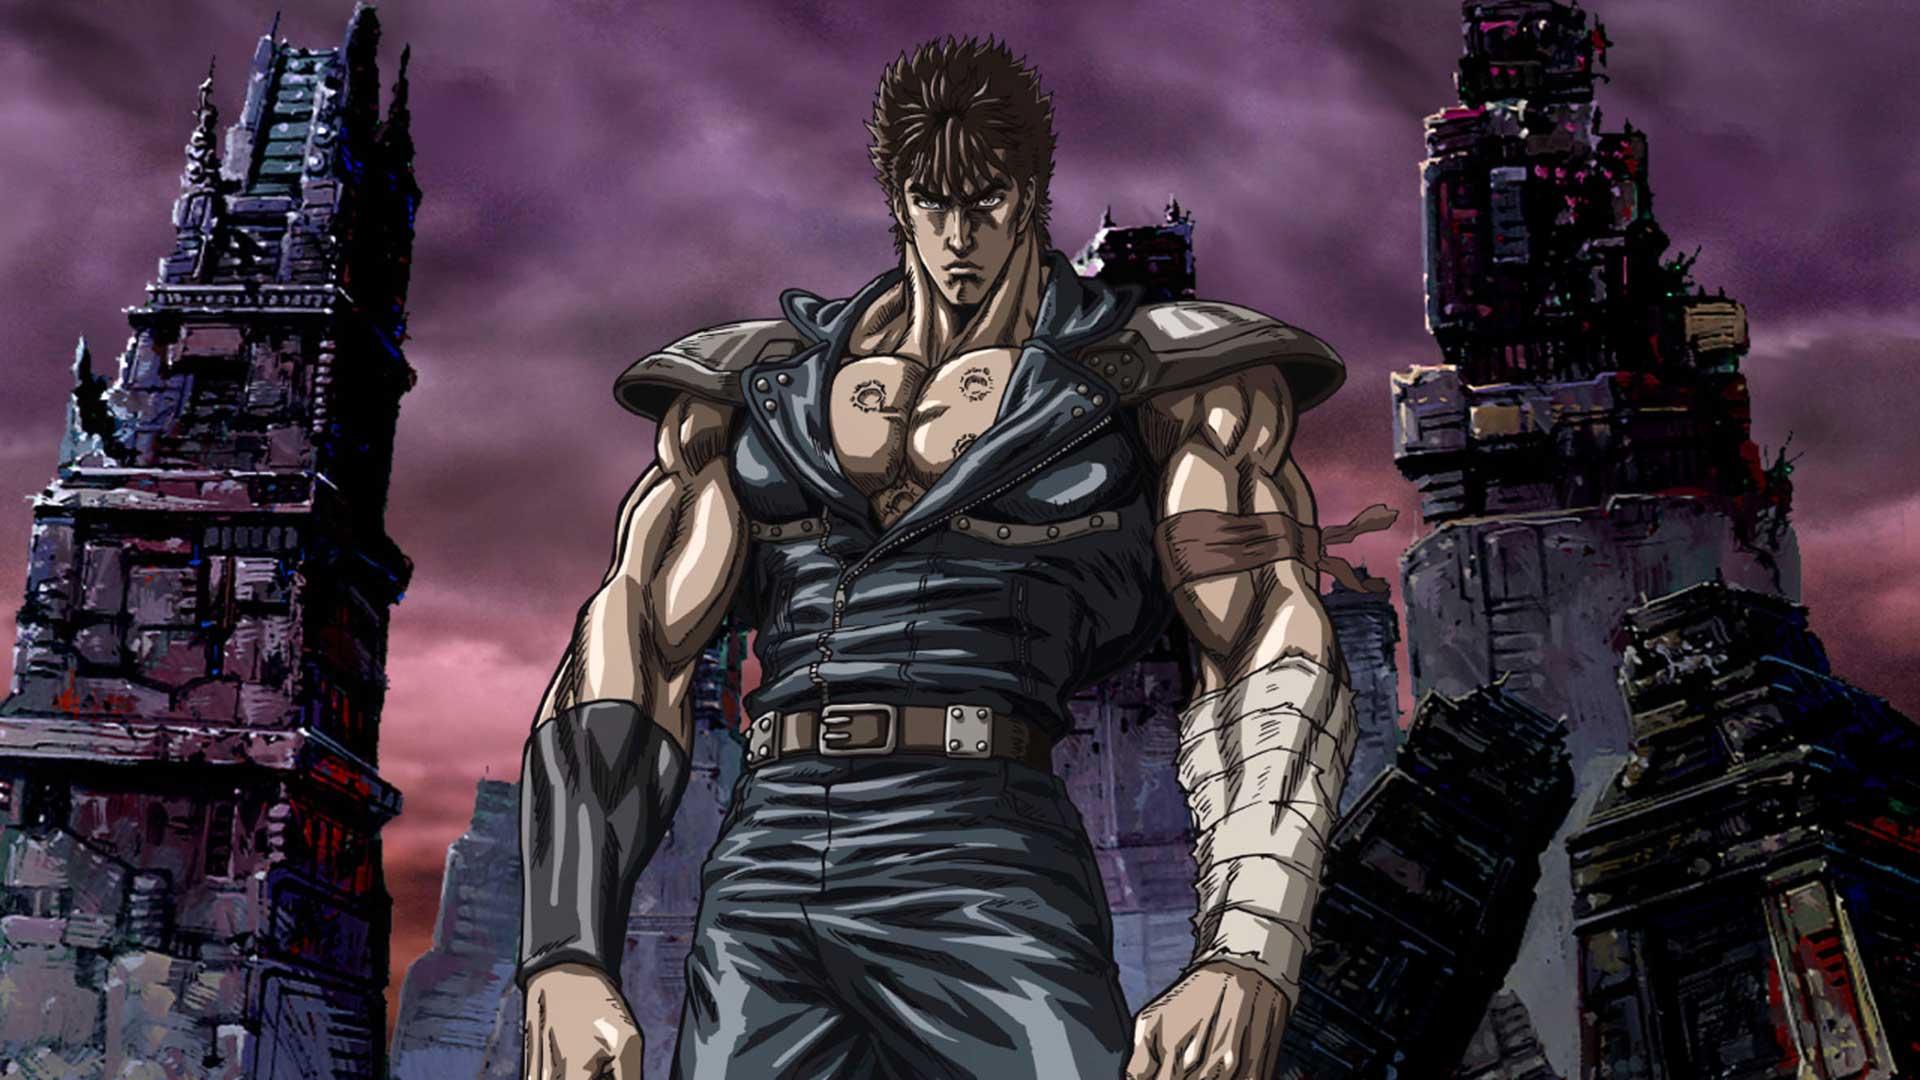 Ken il guerriero –La leggenda di Hokuto.